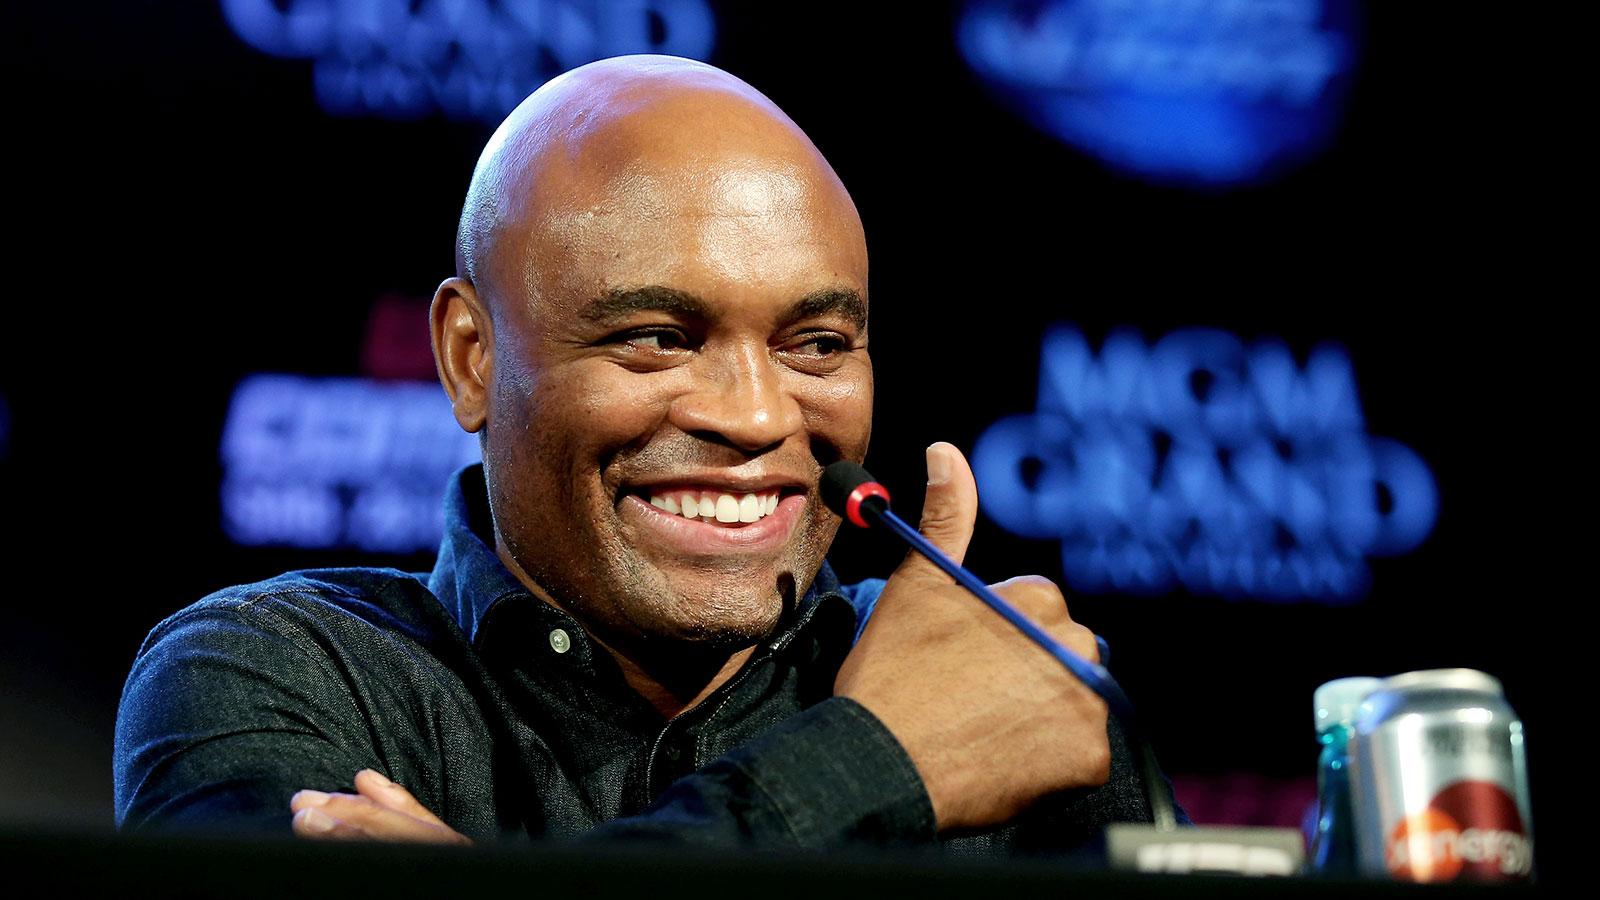 050614-UFC-Anderson-Silva-JT-PI